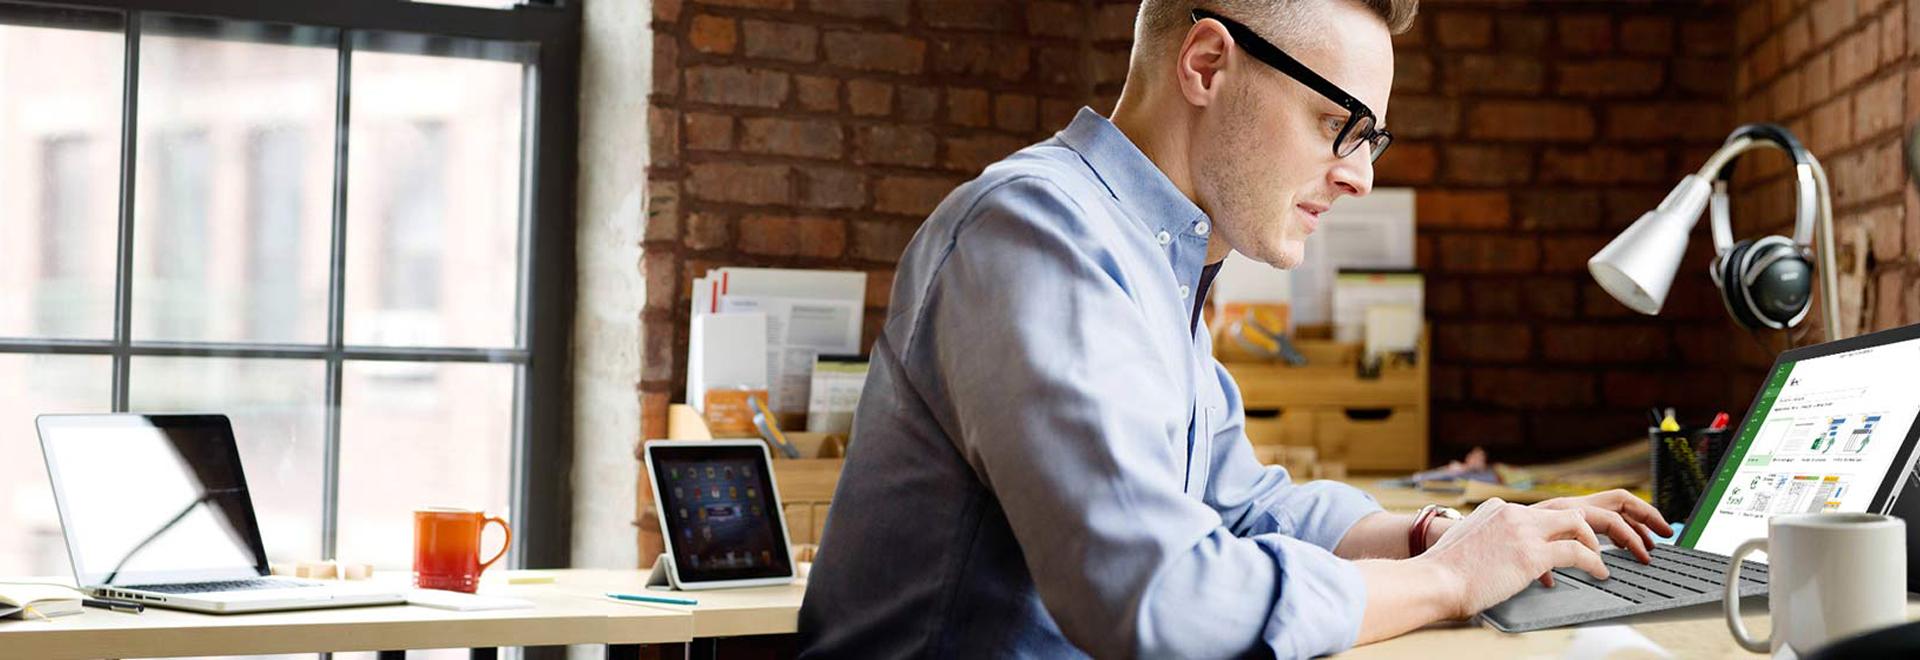 Egy asztalnál ülő férfi egy Surface táblagépen a Microsoft Projectet használja